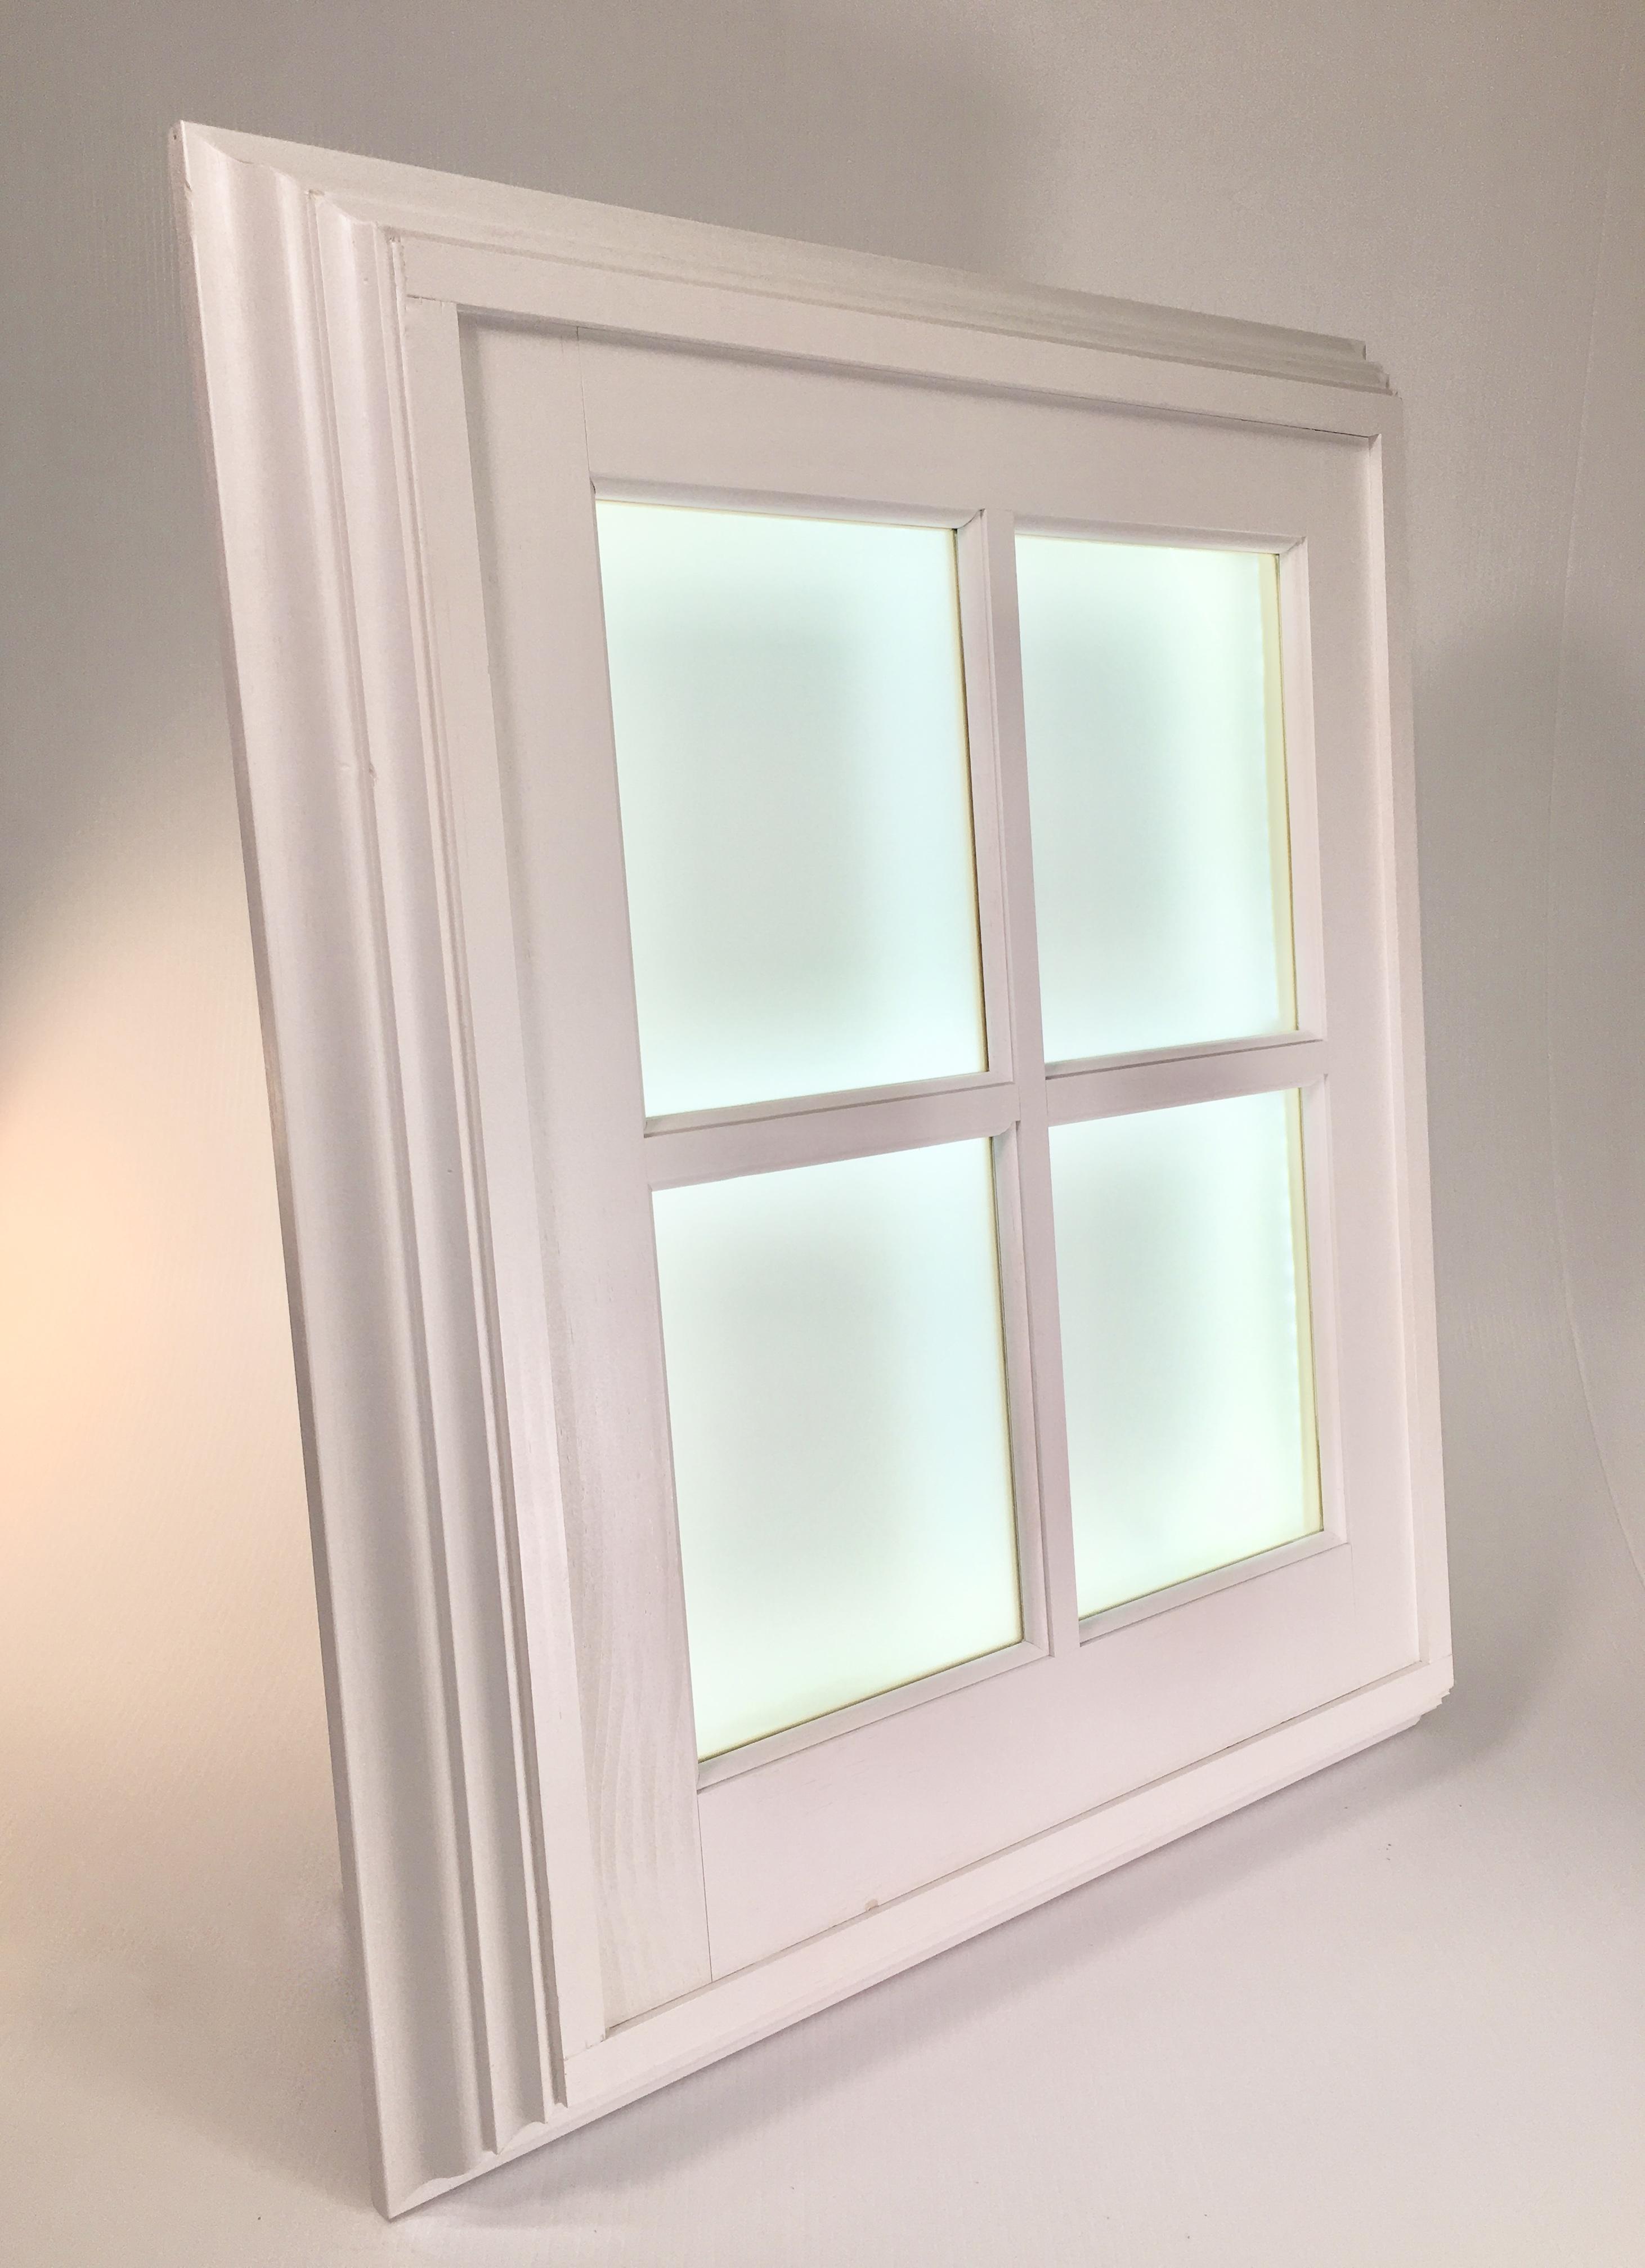 Avatar - DayLite Windows